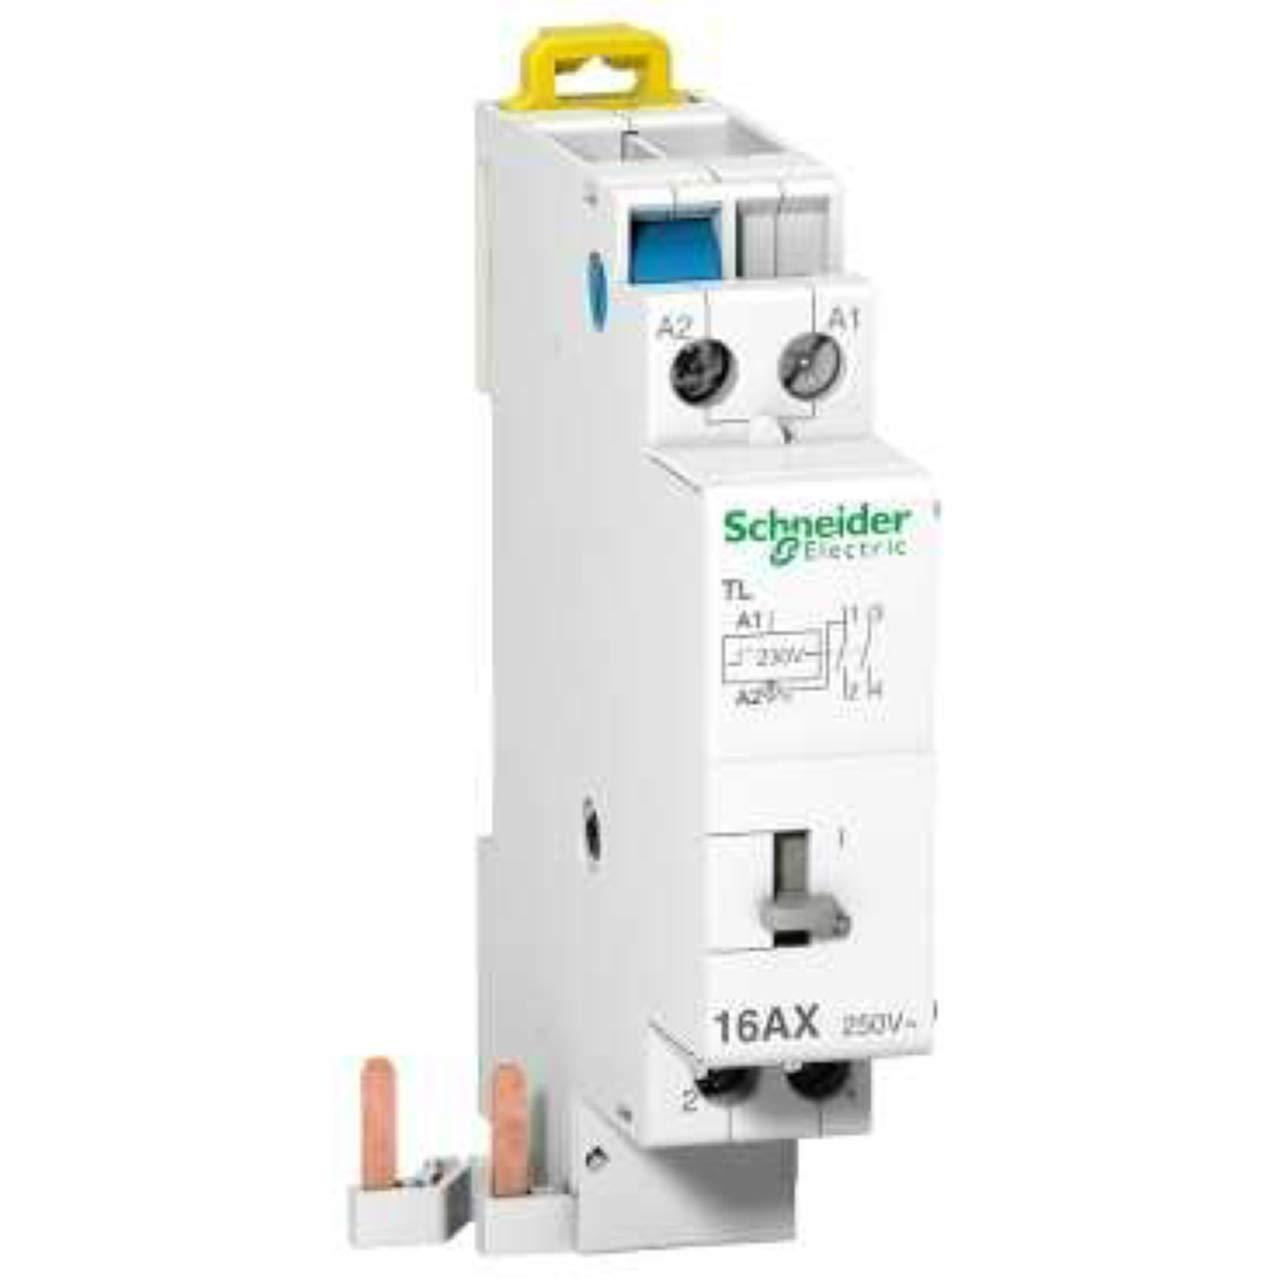 schneider schneider electric a9c15507 16a 230v 2p t/él/érupteur